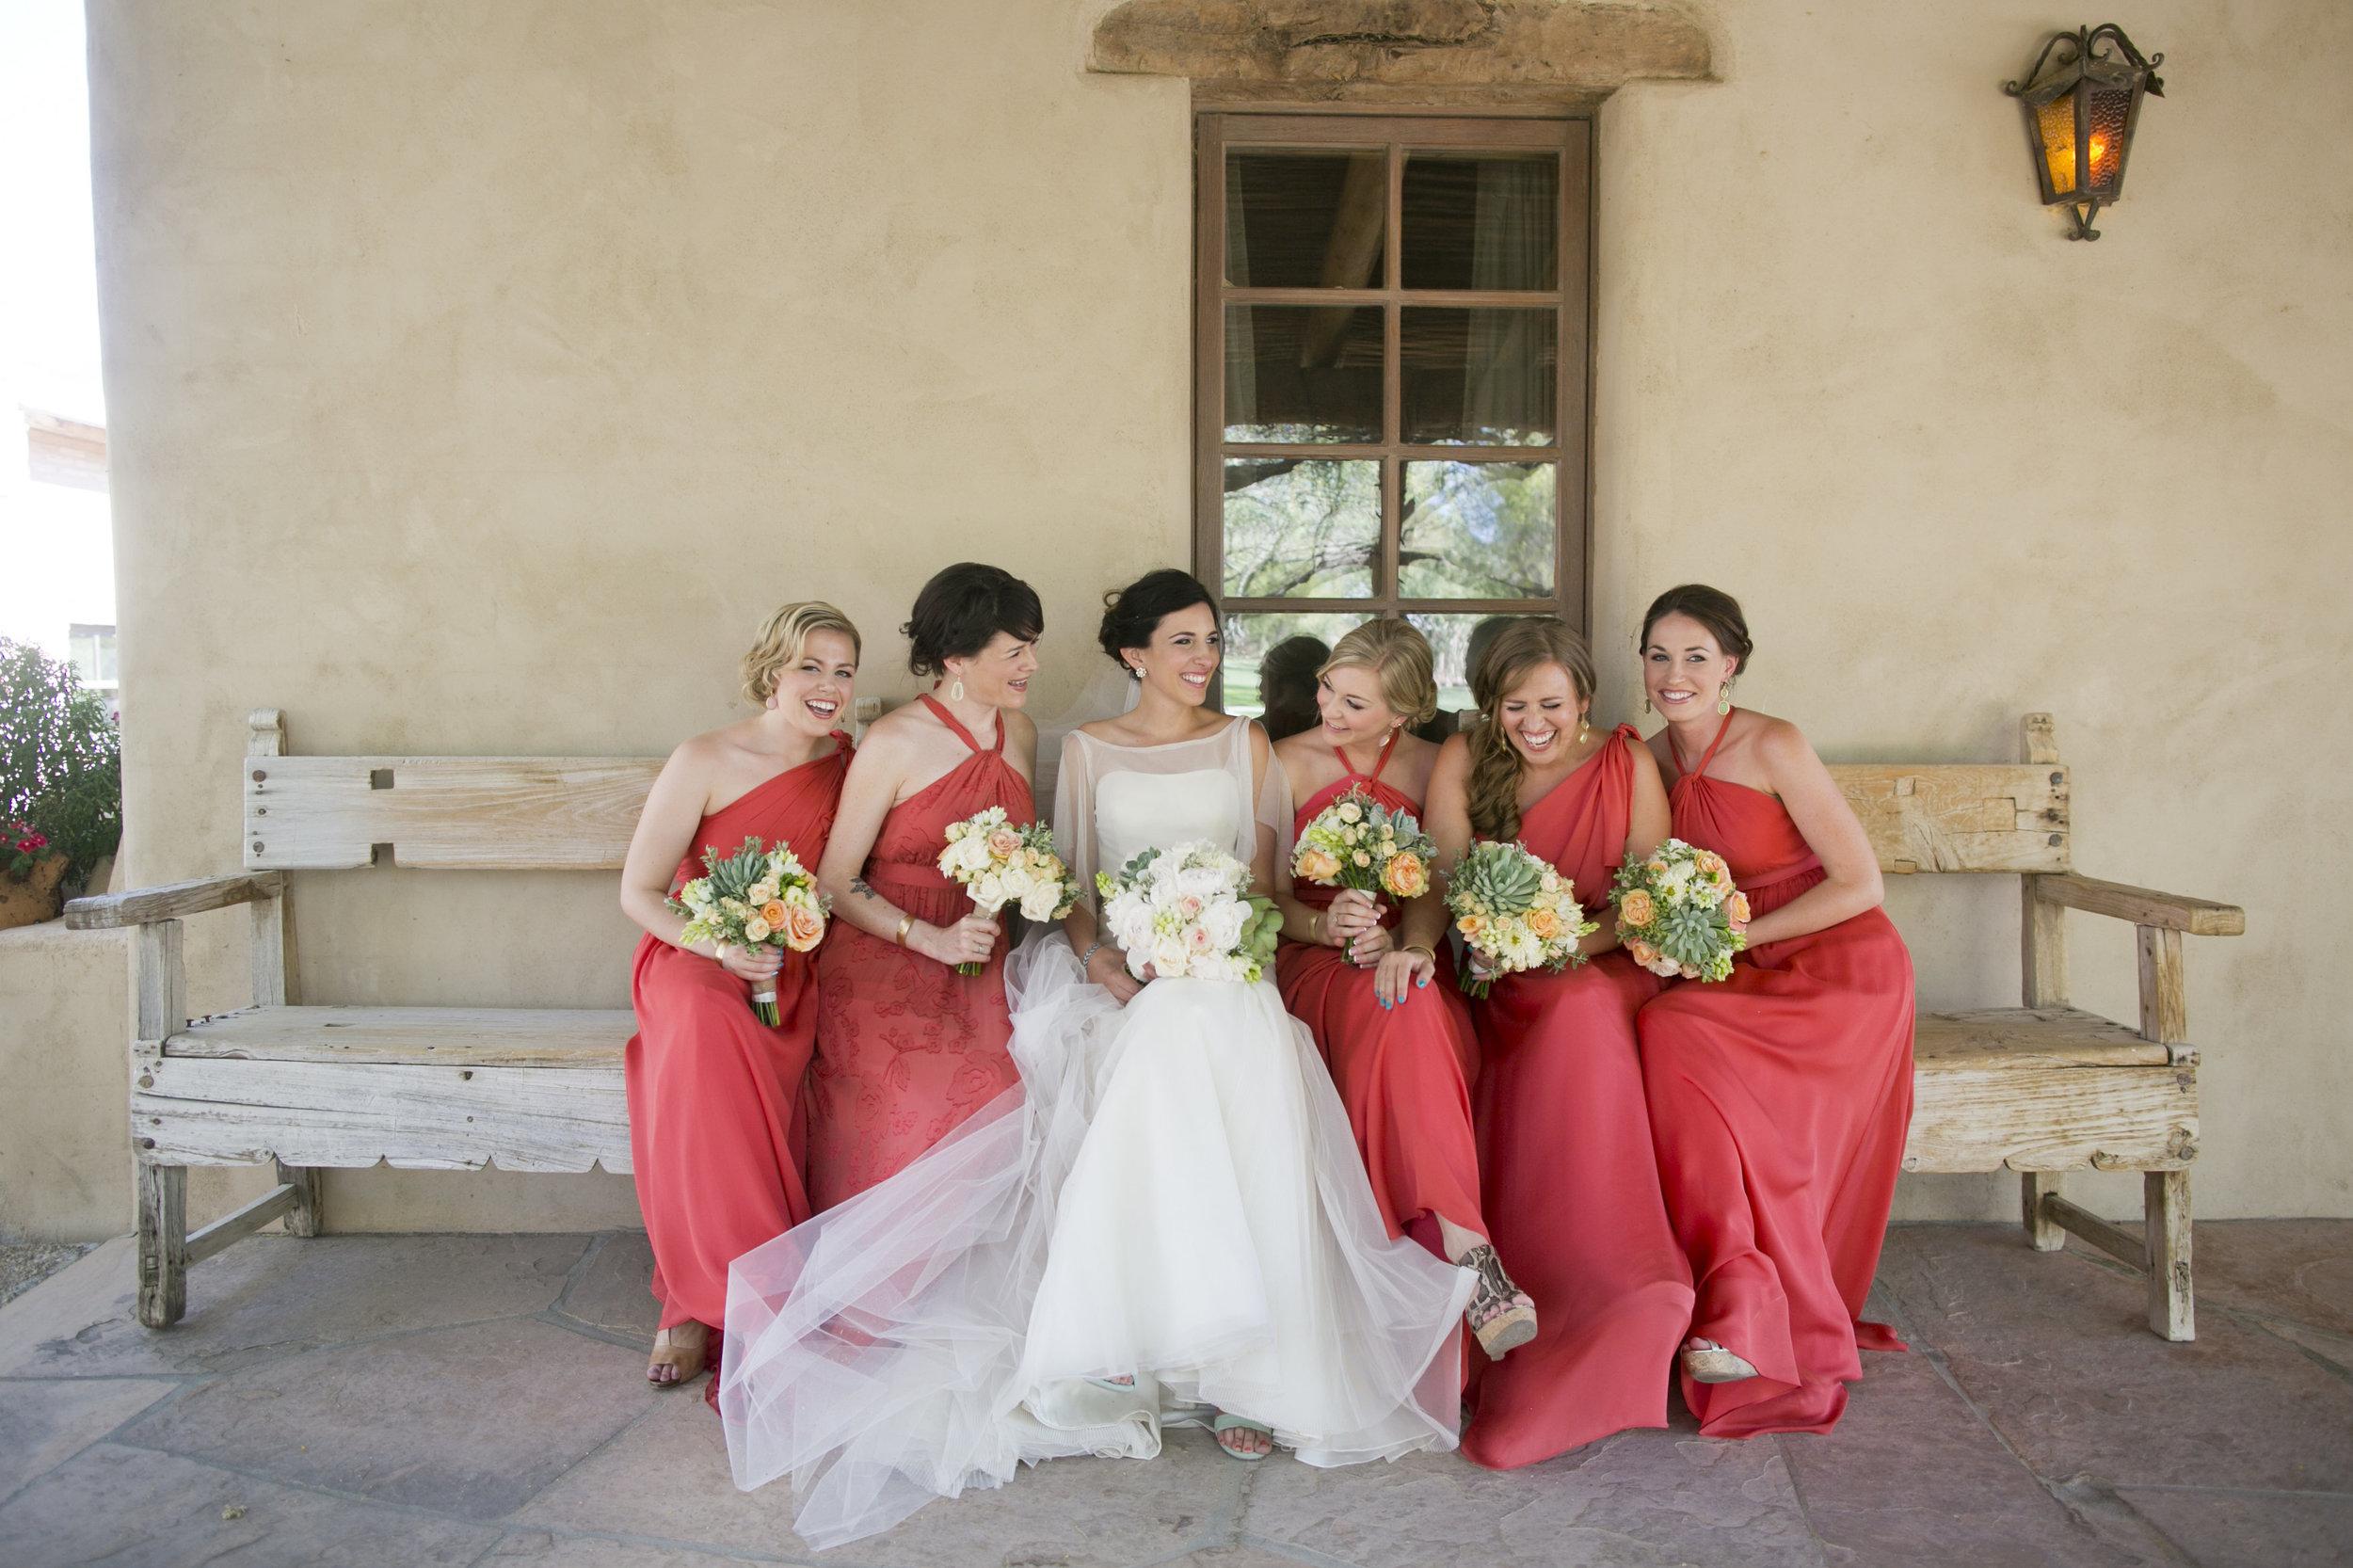 Ceci_New_York_Ceci_Style_Ceci_Johnson_Luxury_Lifestyle_Arizona_Wedding_Watercolor_Inspiration_Design_Custom_Couture_Personalized_Invitations_69.jpg